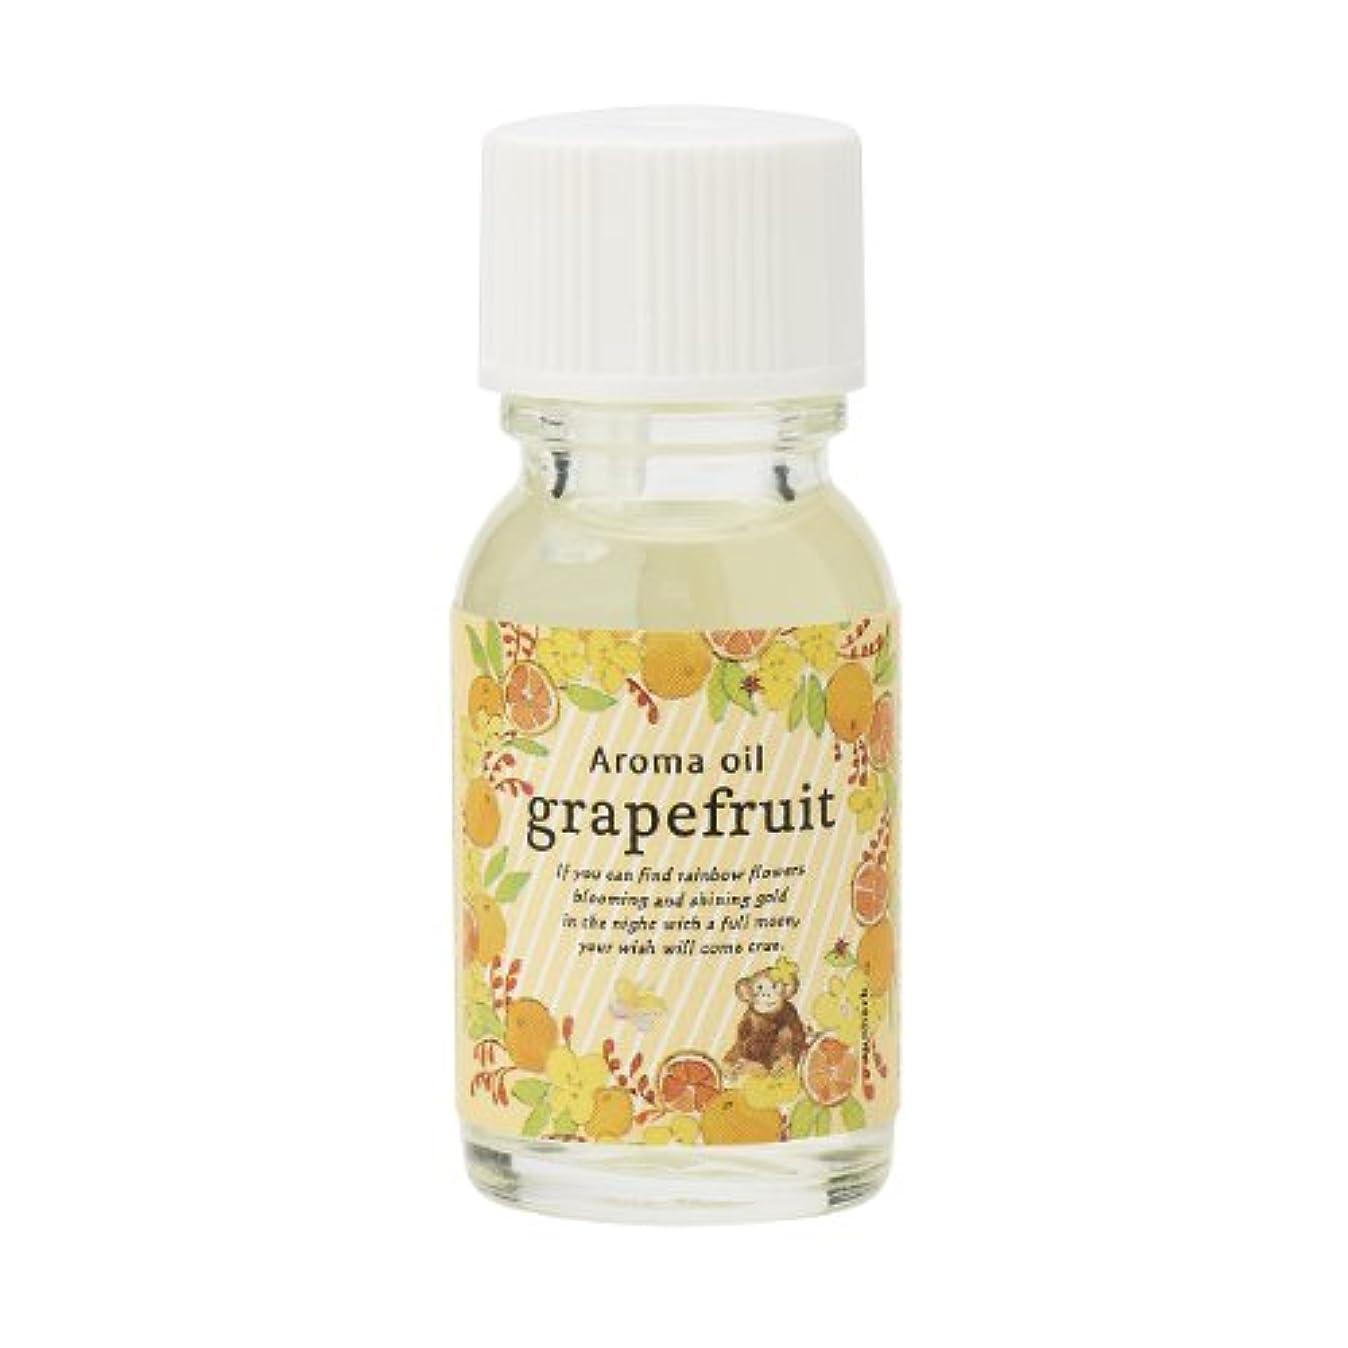 ぐったり単にロータリーサンハーブ アロマオイル グレープフルーツ 13ml(シャキっとまぶしい柑橘系の香り)